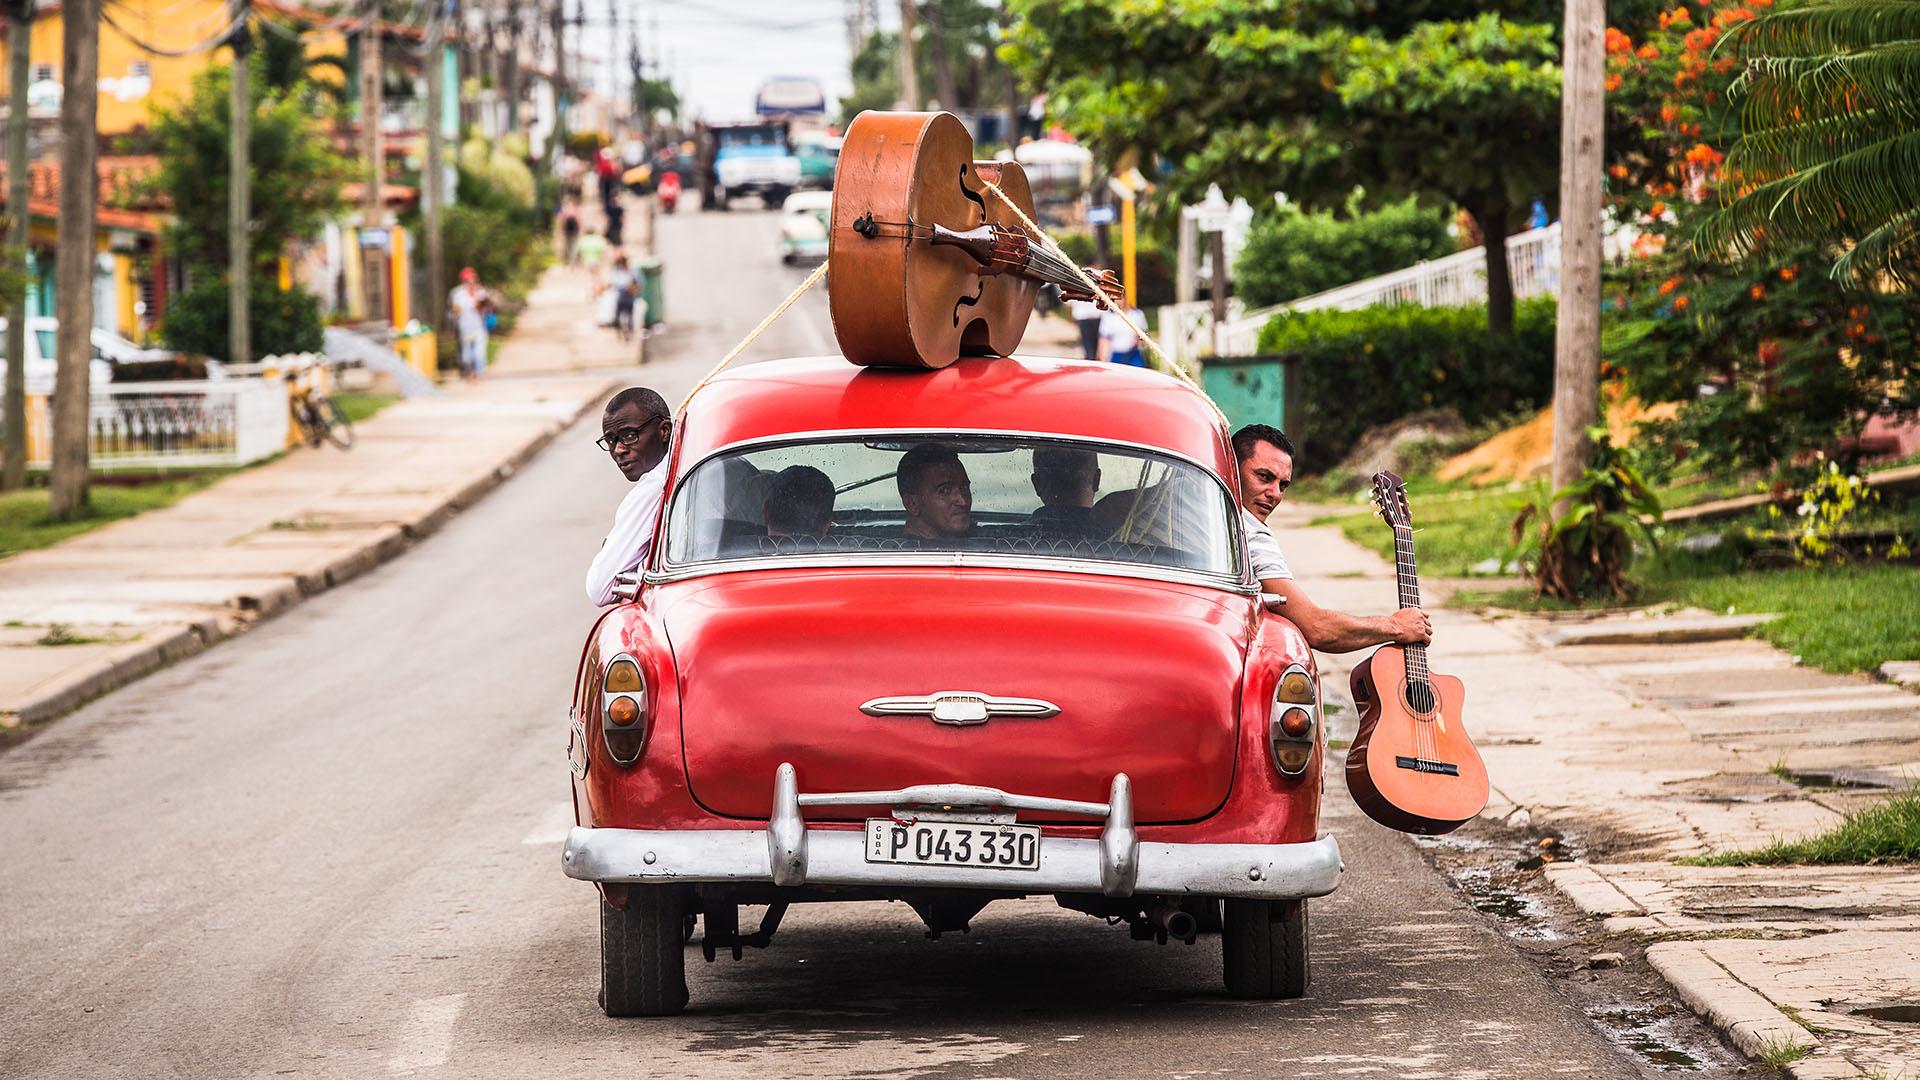 Kubanische Musiker in altem Auto